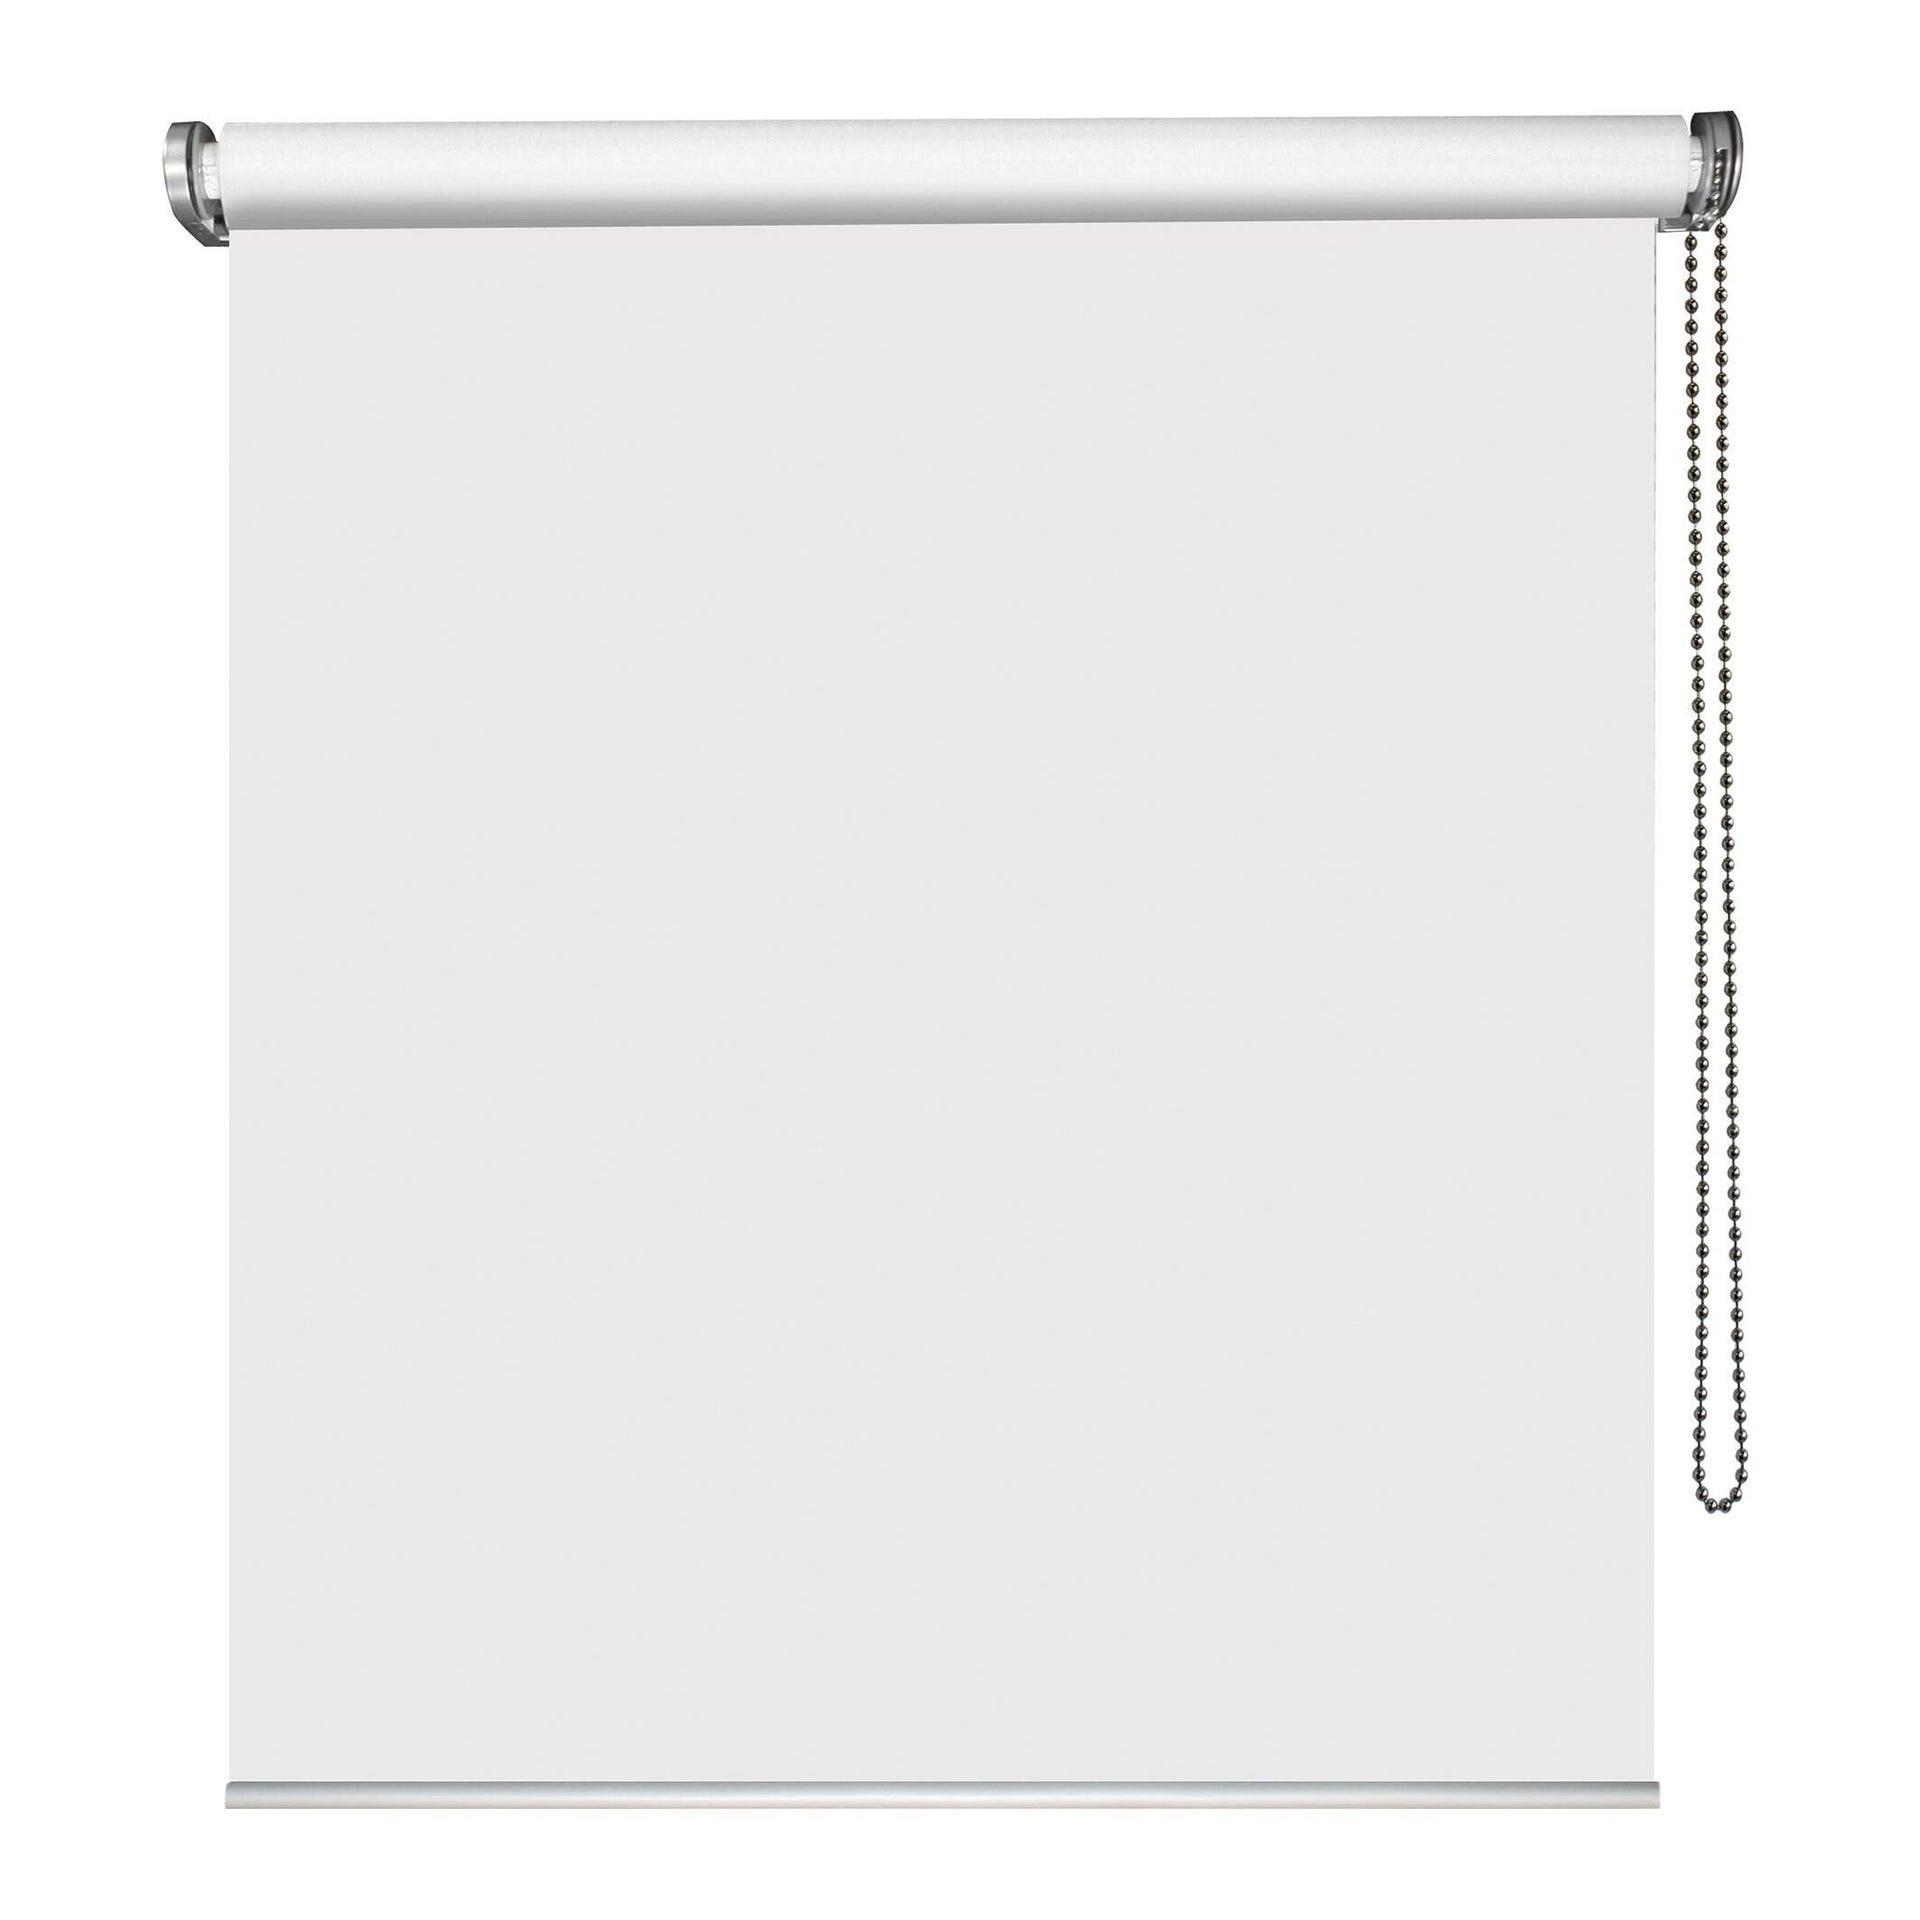 Tenda a rullo oscurante Must bianco 90 x 250 cm